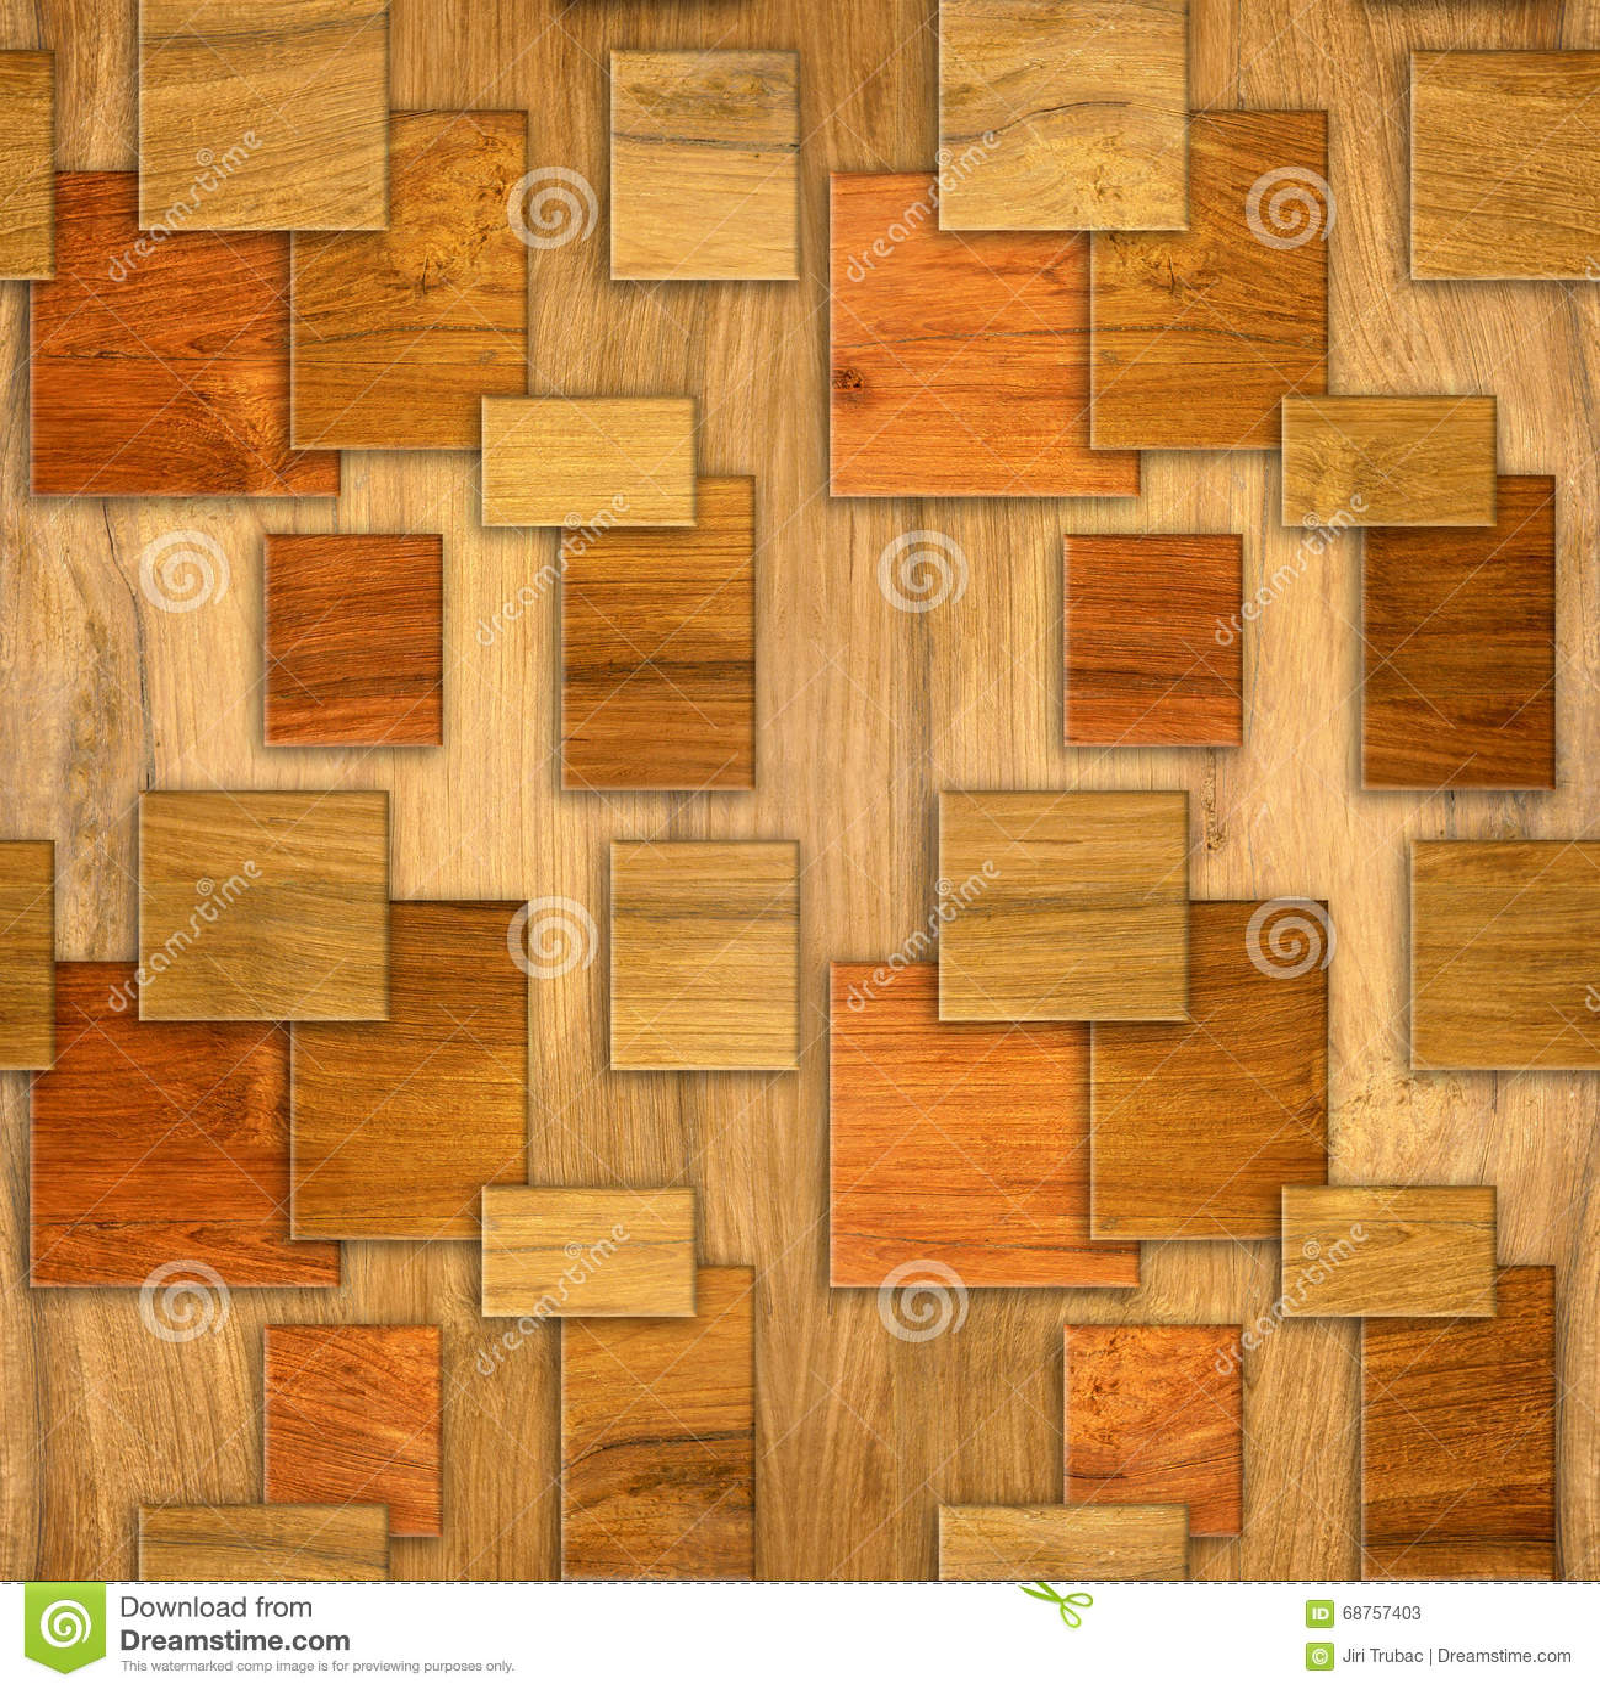 Het binnenlandse patroon van het muurpaneel - decoratief tegelpatroon